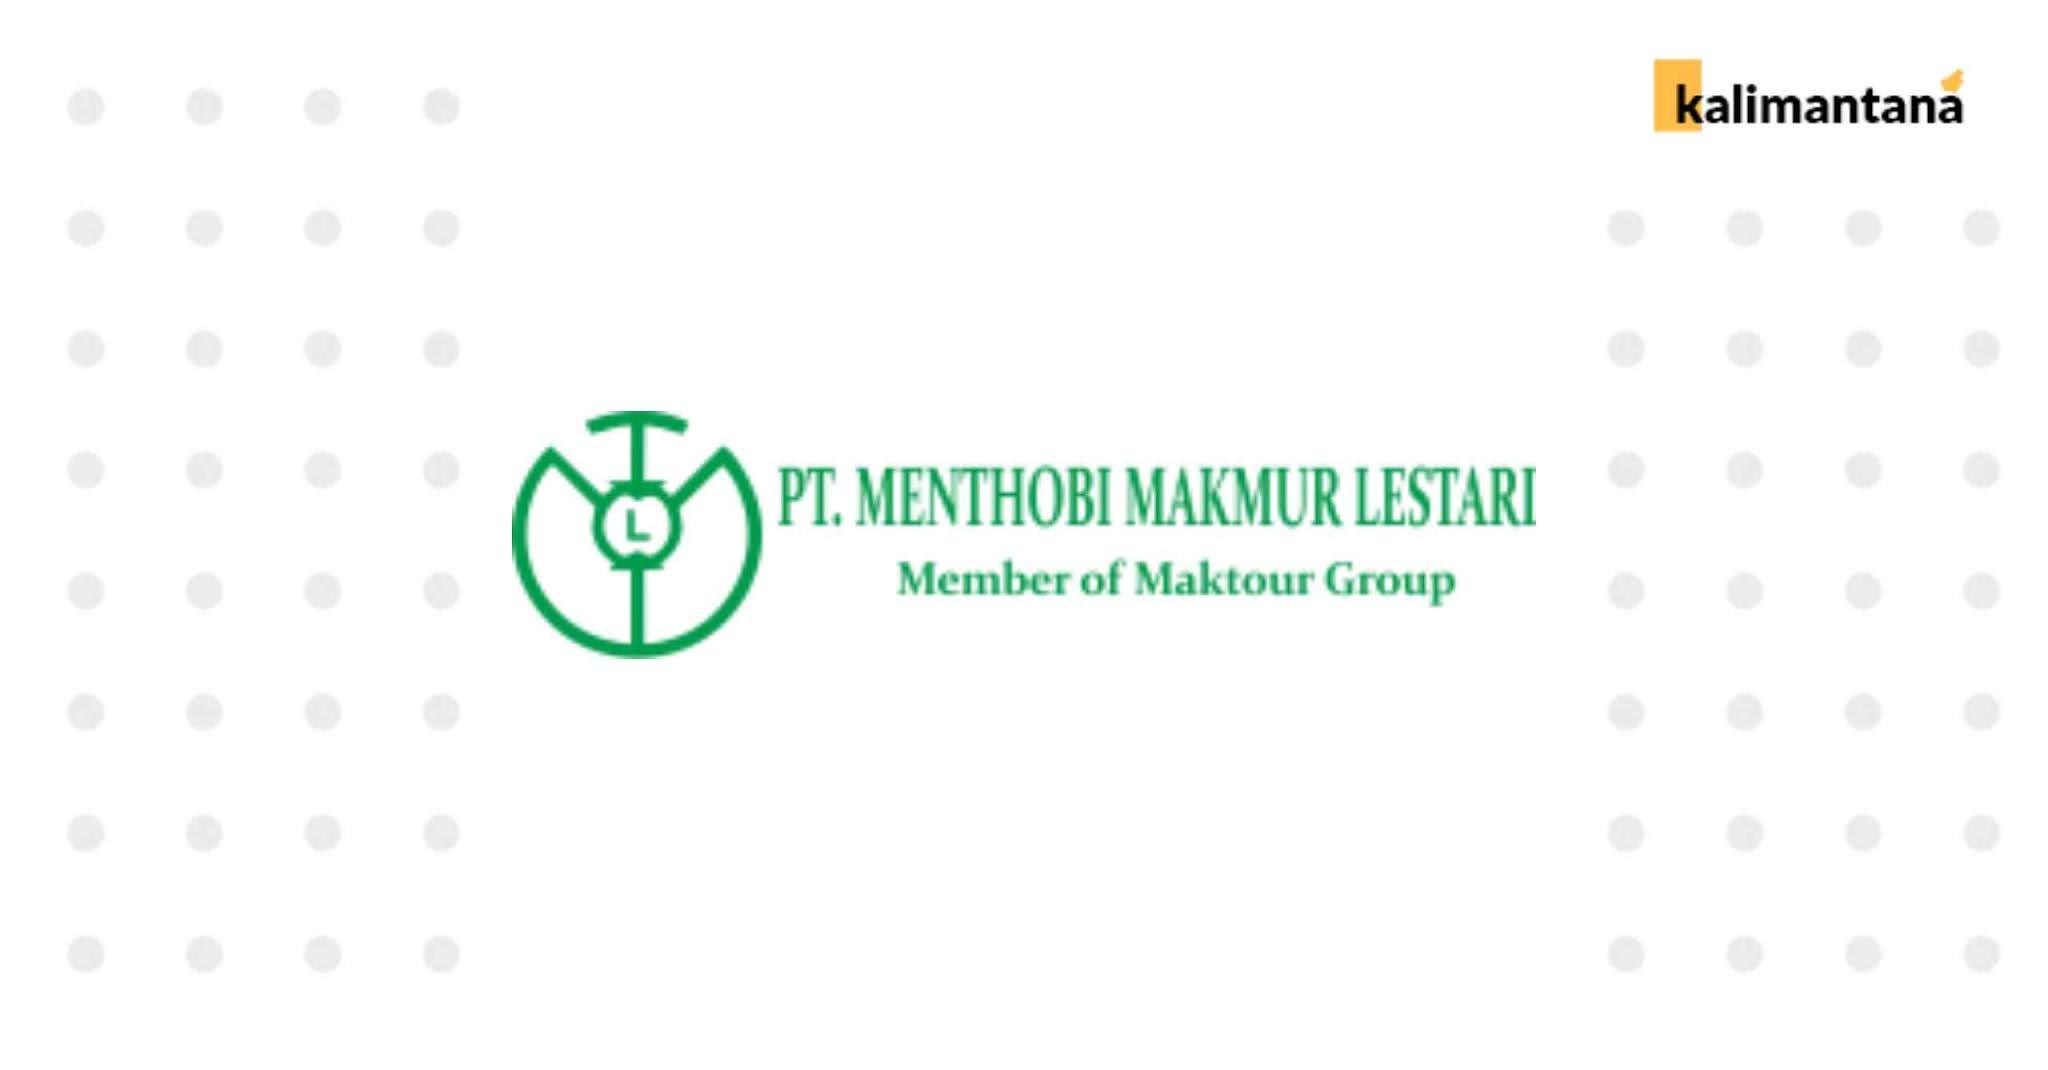 Lowongan Kerja Elektrikal, Maintence PT Menthobi Makmur Lestari - Lamandau Terbaru 2020